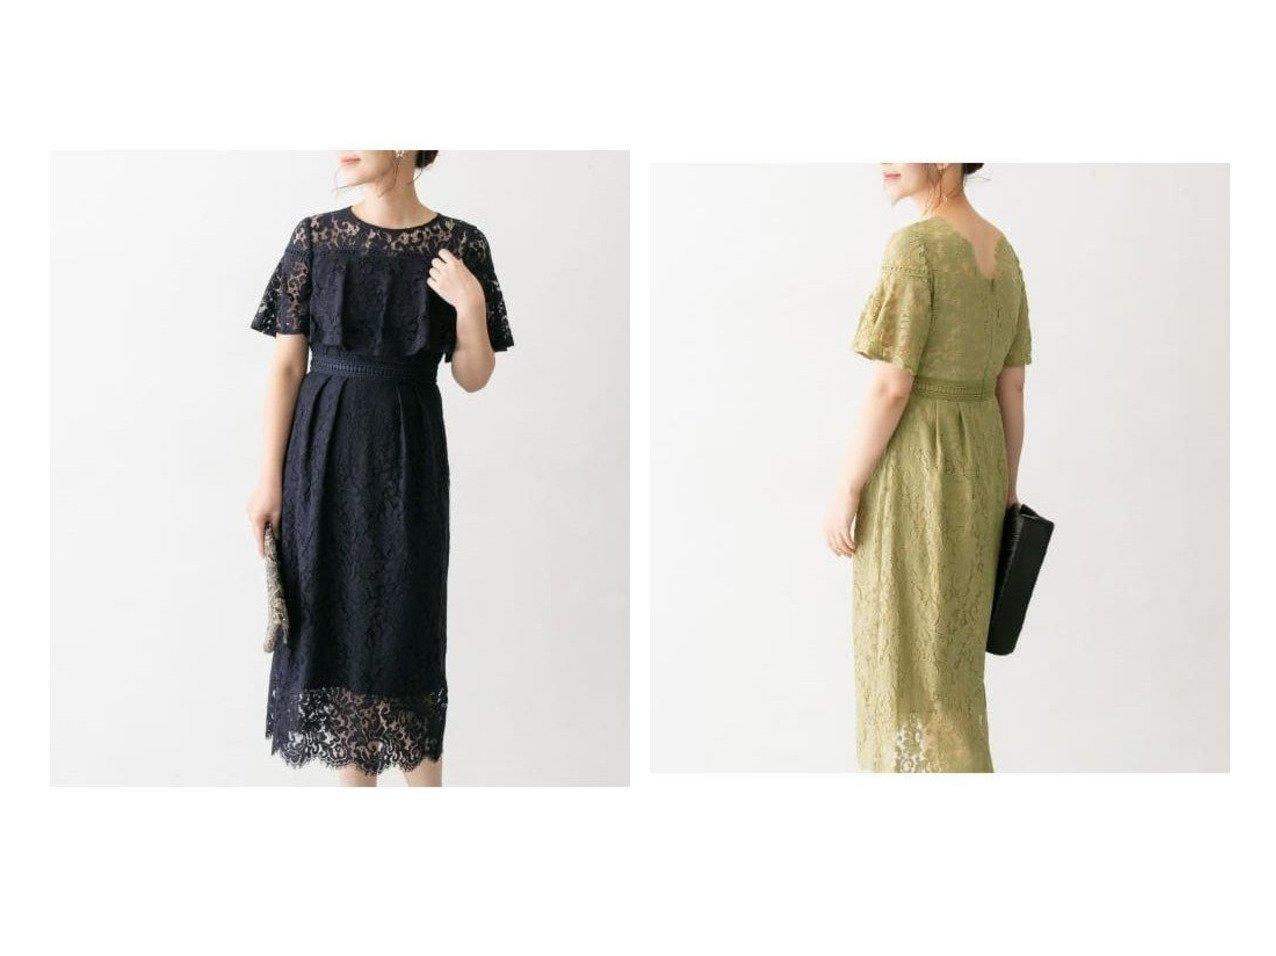 【URBAN RESEARCH ROSSO/アーバンリサーチ ロッソ】のレースフリルドレス ワンピース・ドレスのおすすめ!人気、レディースファッションの通販 おすすめで人気のファッション通販商品 インテリア・家具・キッズファッション・メンズファッション・レディースファッション・服の通販 founy(ファニー) https://founy.com/ ファッション Fashion レディース WOMEN ワンピース Dress ドレス Party Dresses アクセサリー ドレス パール ビジュー フォーマル フリル レース |ID:crp329100000001834